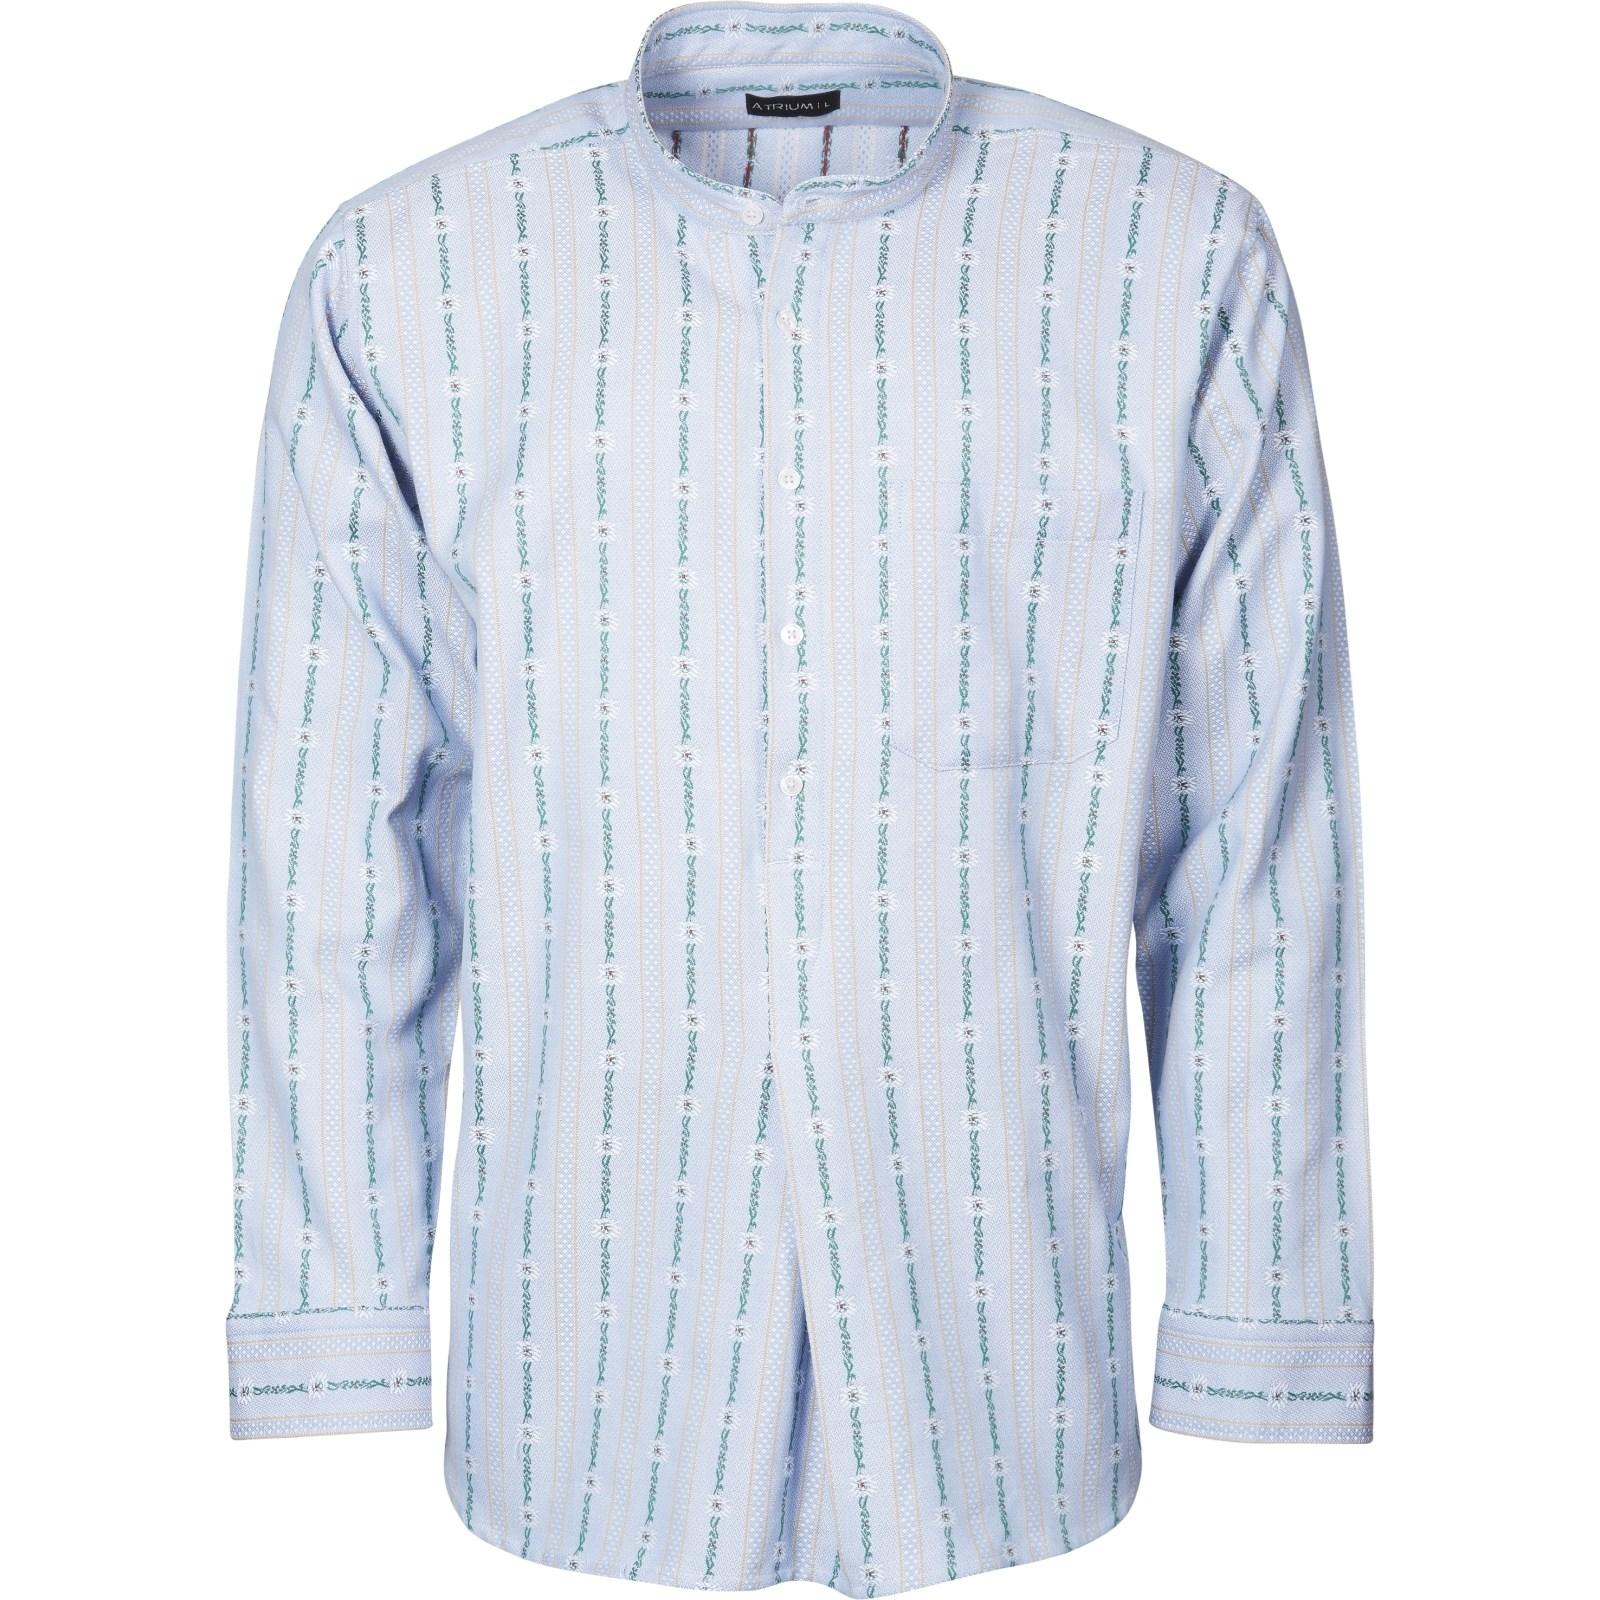 e2dee6892590a Edelweisshemd - Pullover   Hemden   Blusen - LANDI